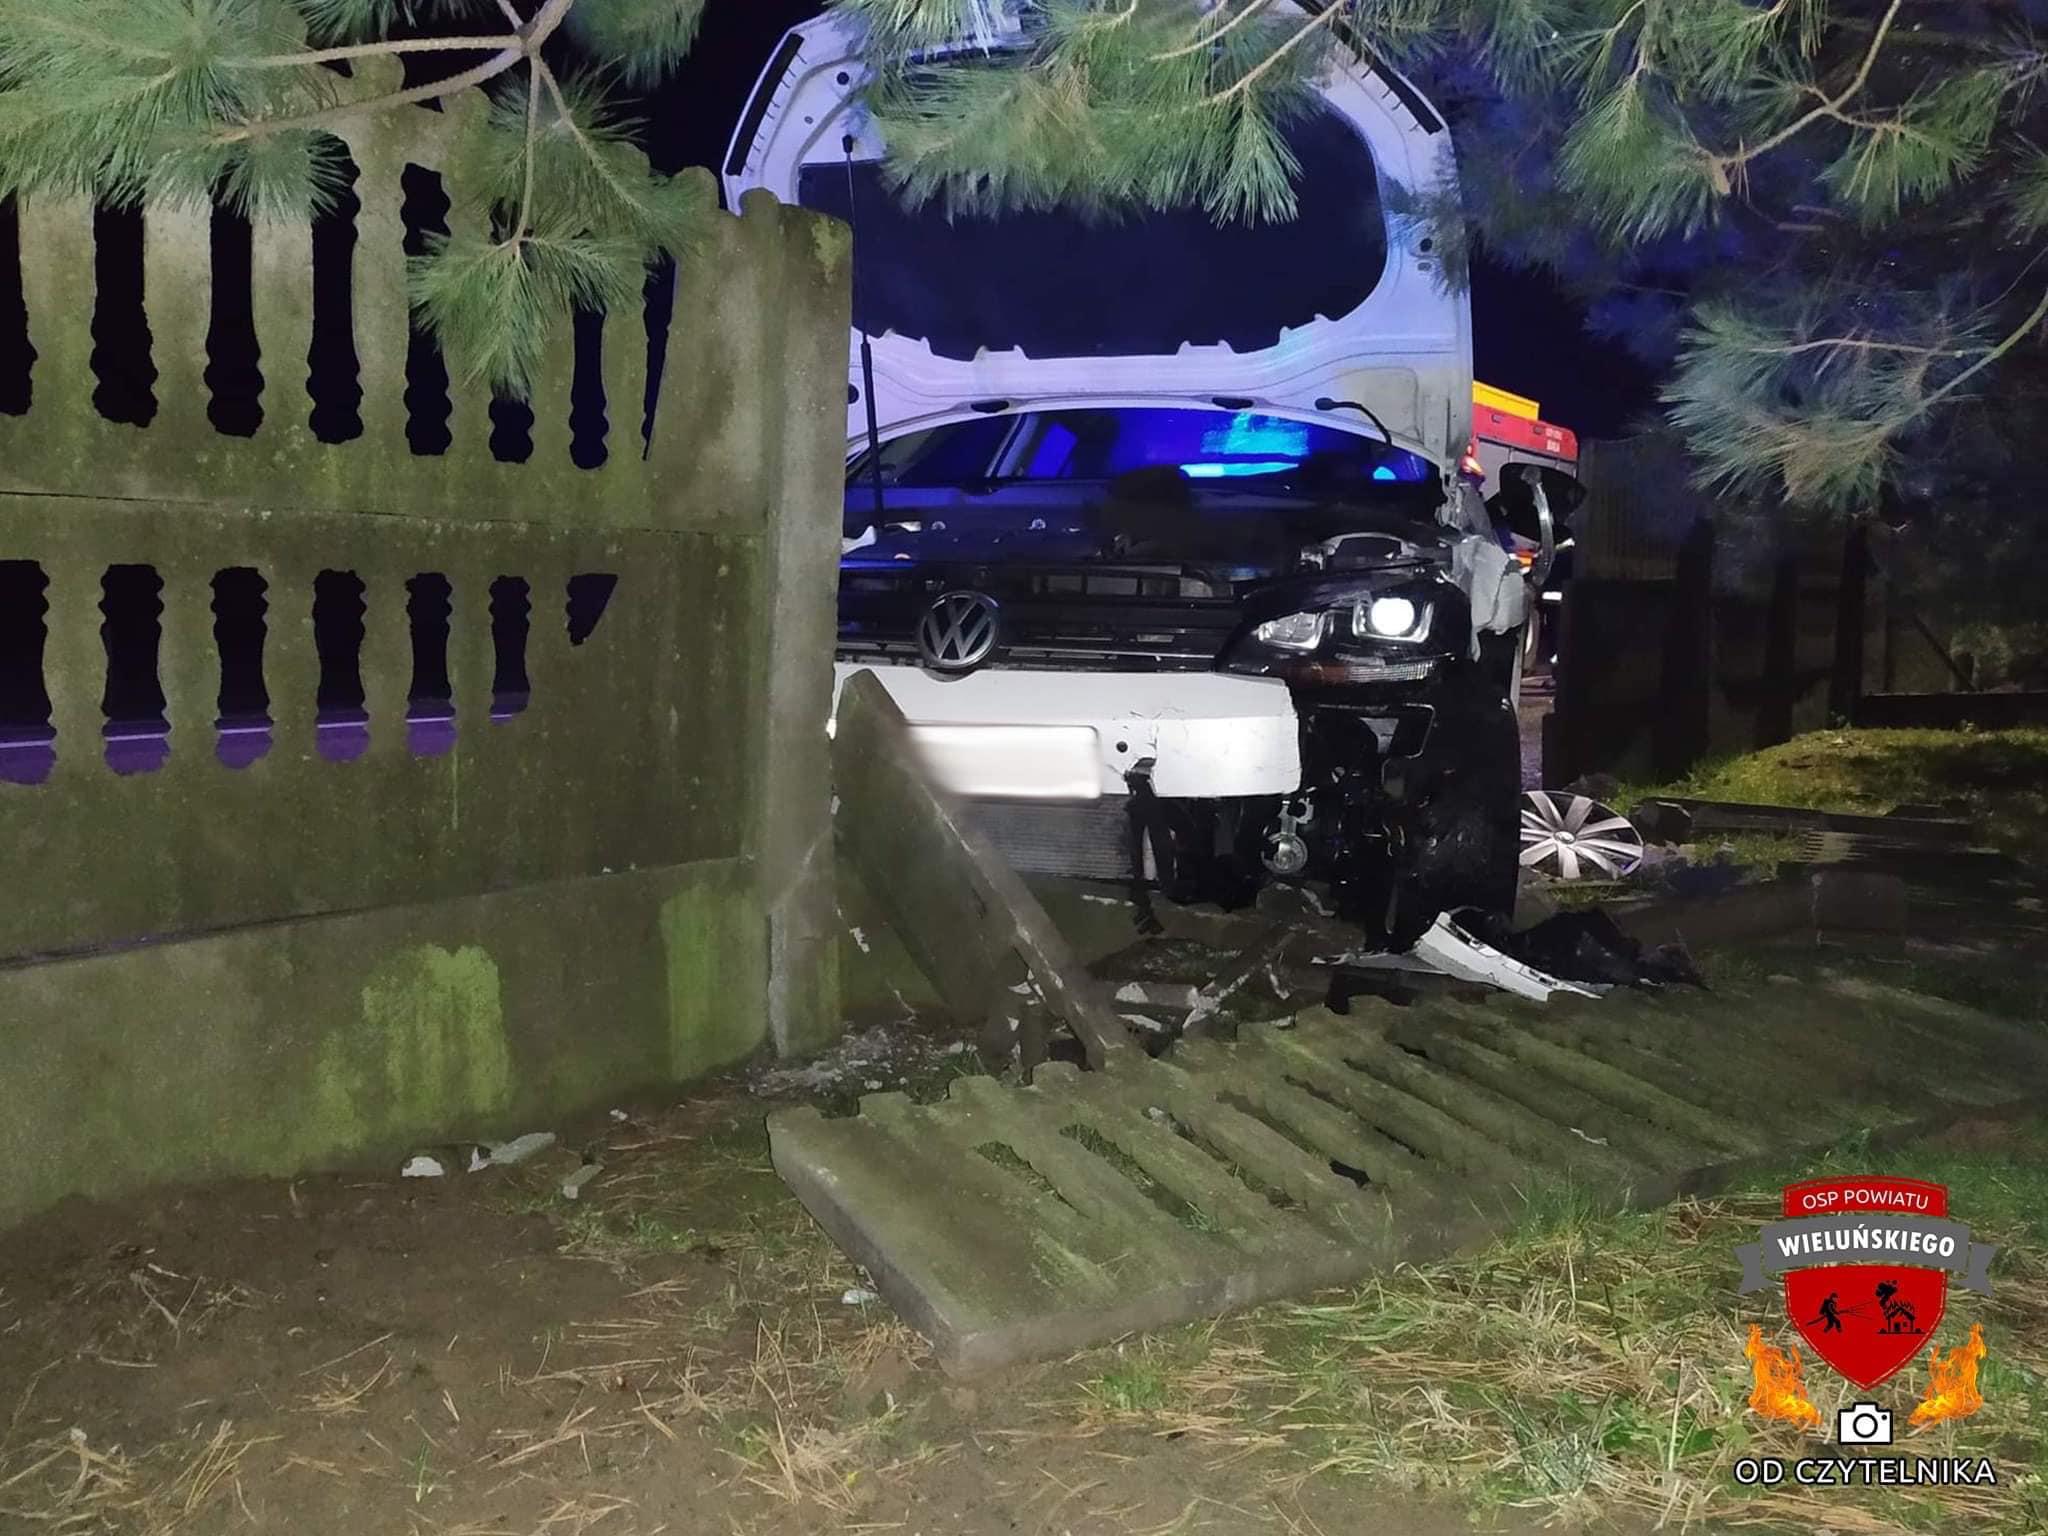 ALARM 0259 24.12.2019 Wypadek drogowy. Samochod osobowy wypadl zdrogi.xx&oh=d428d84e653f8ba72c85dd6c3d55078c&oe=5EA612CD - ALARM 02:59 24.12.2019  Wypadek drogowy. Samochód osobowy wypadł zdrogi  Klapka...